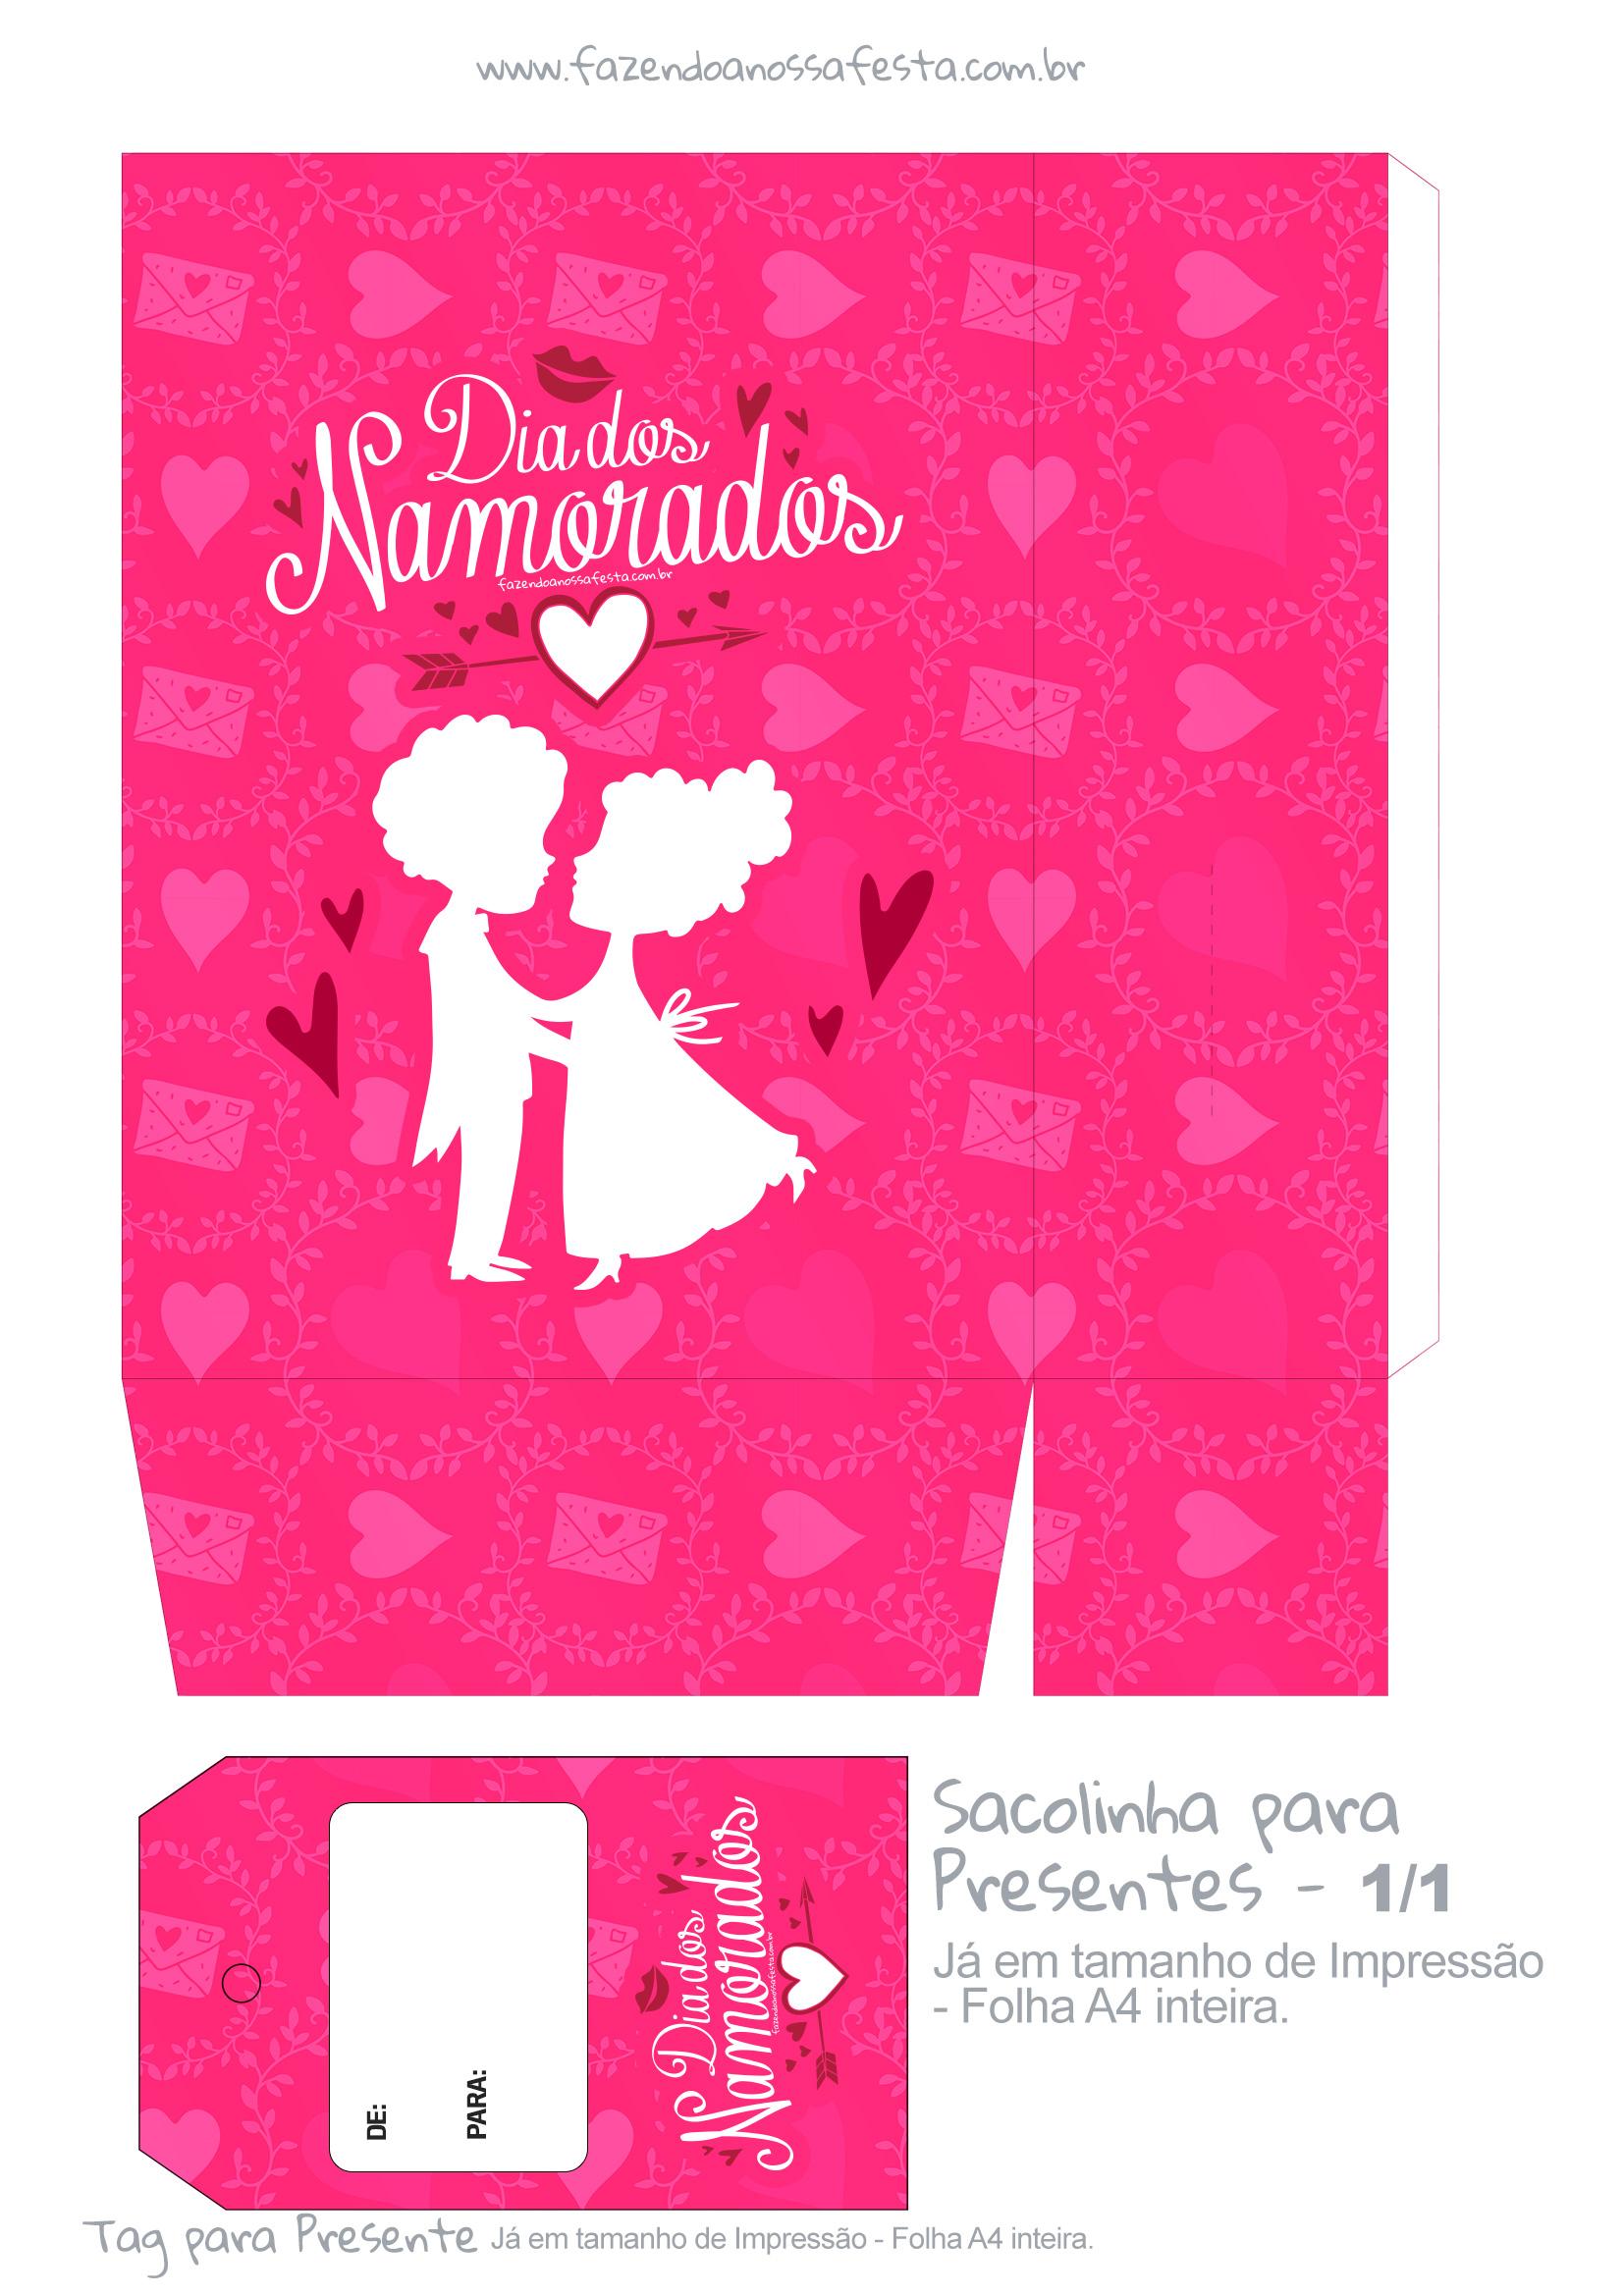 Sacolinha Dia dos Namorados Rosa - parte 1